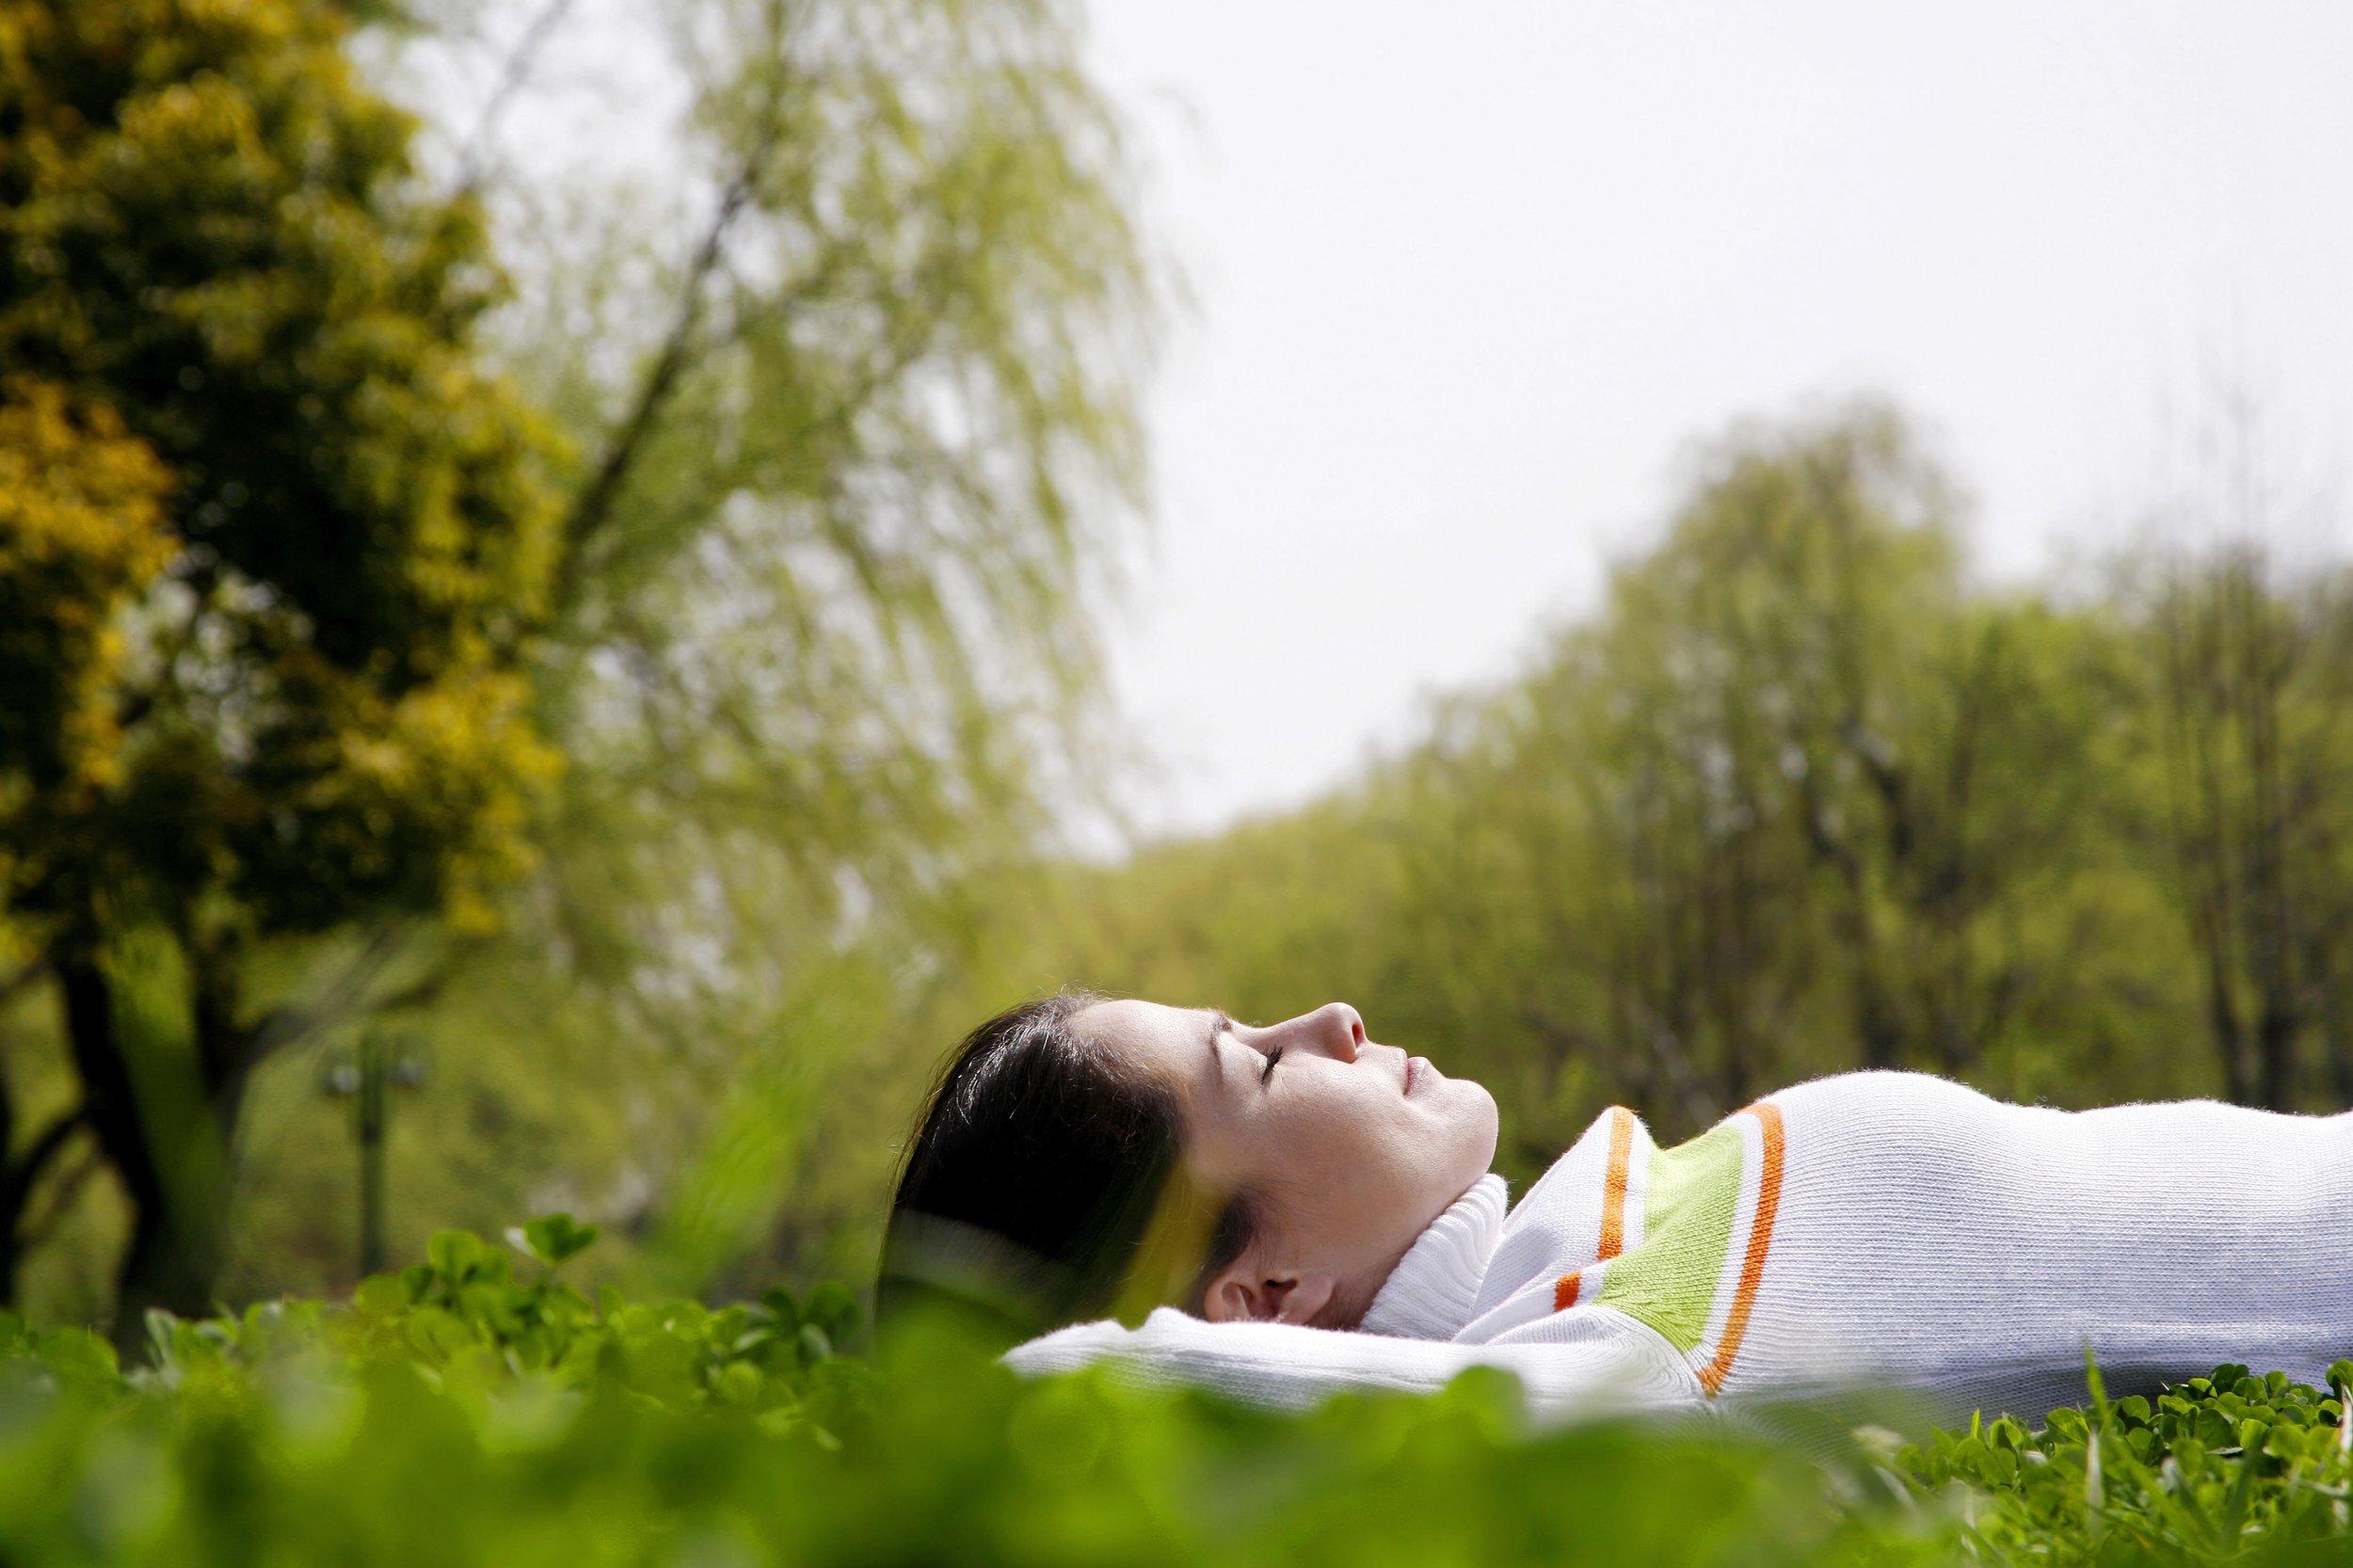 lying-in-grass.jpg